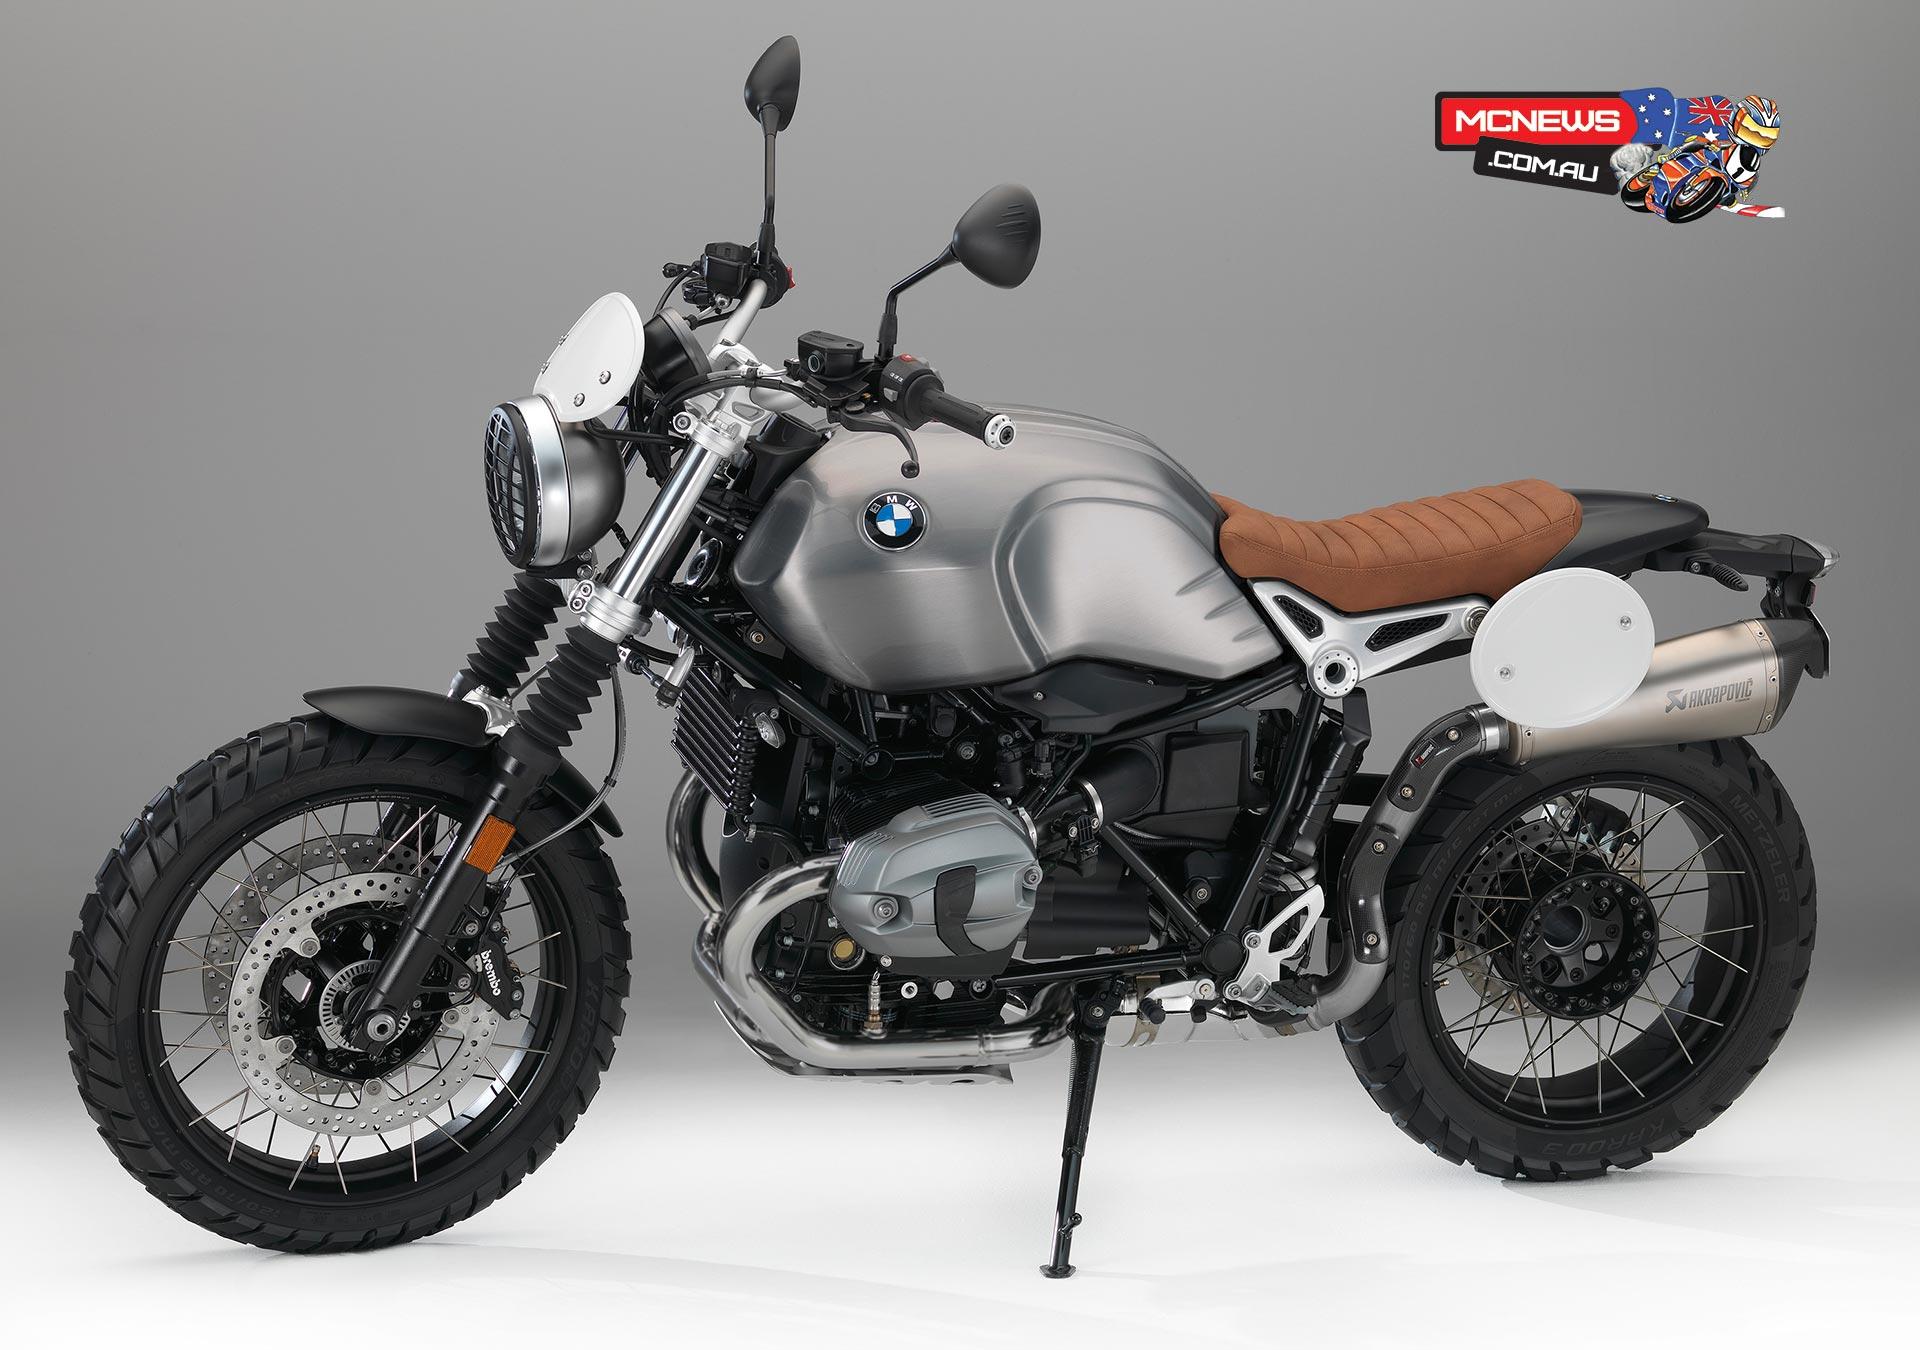 BMW R nineT Scrambler